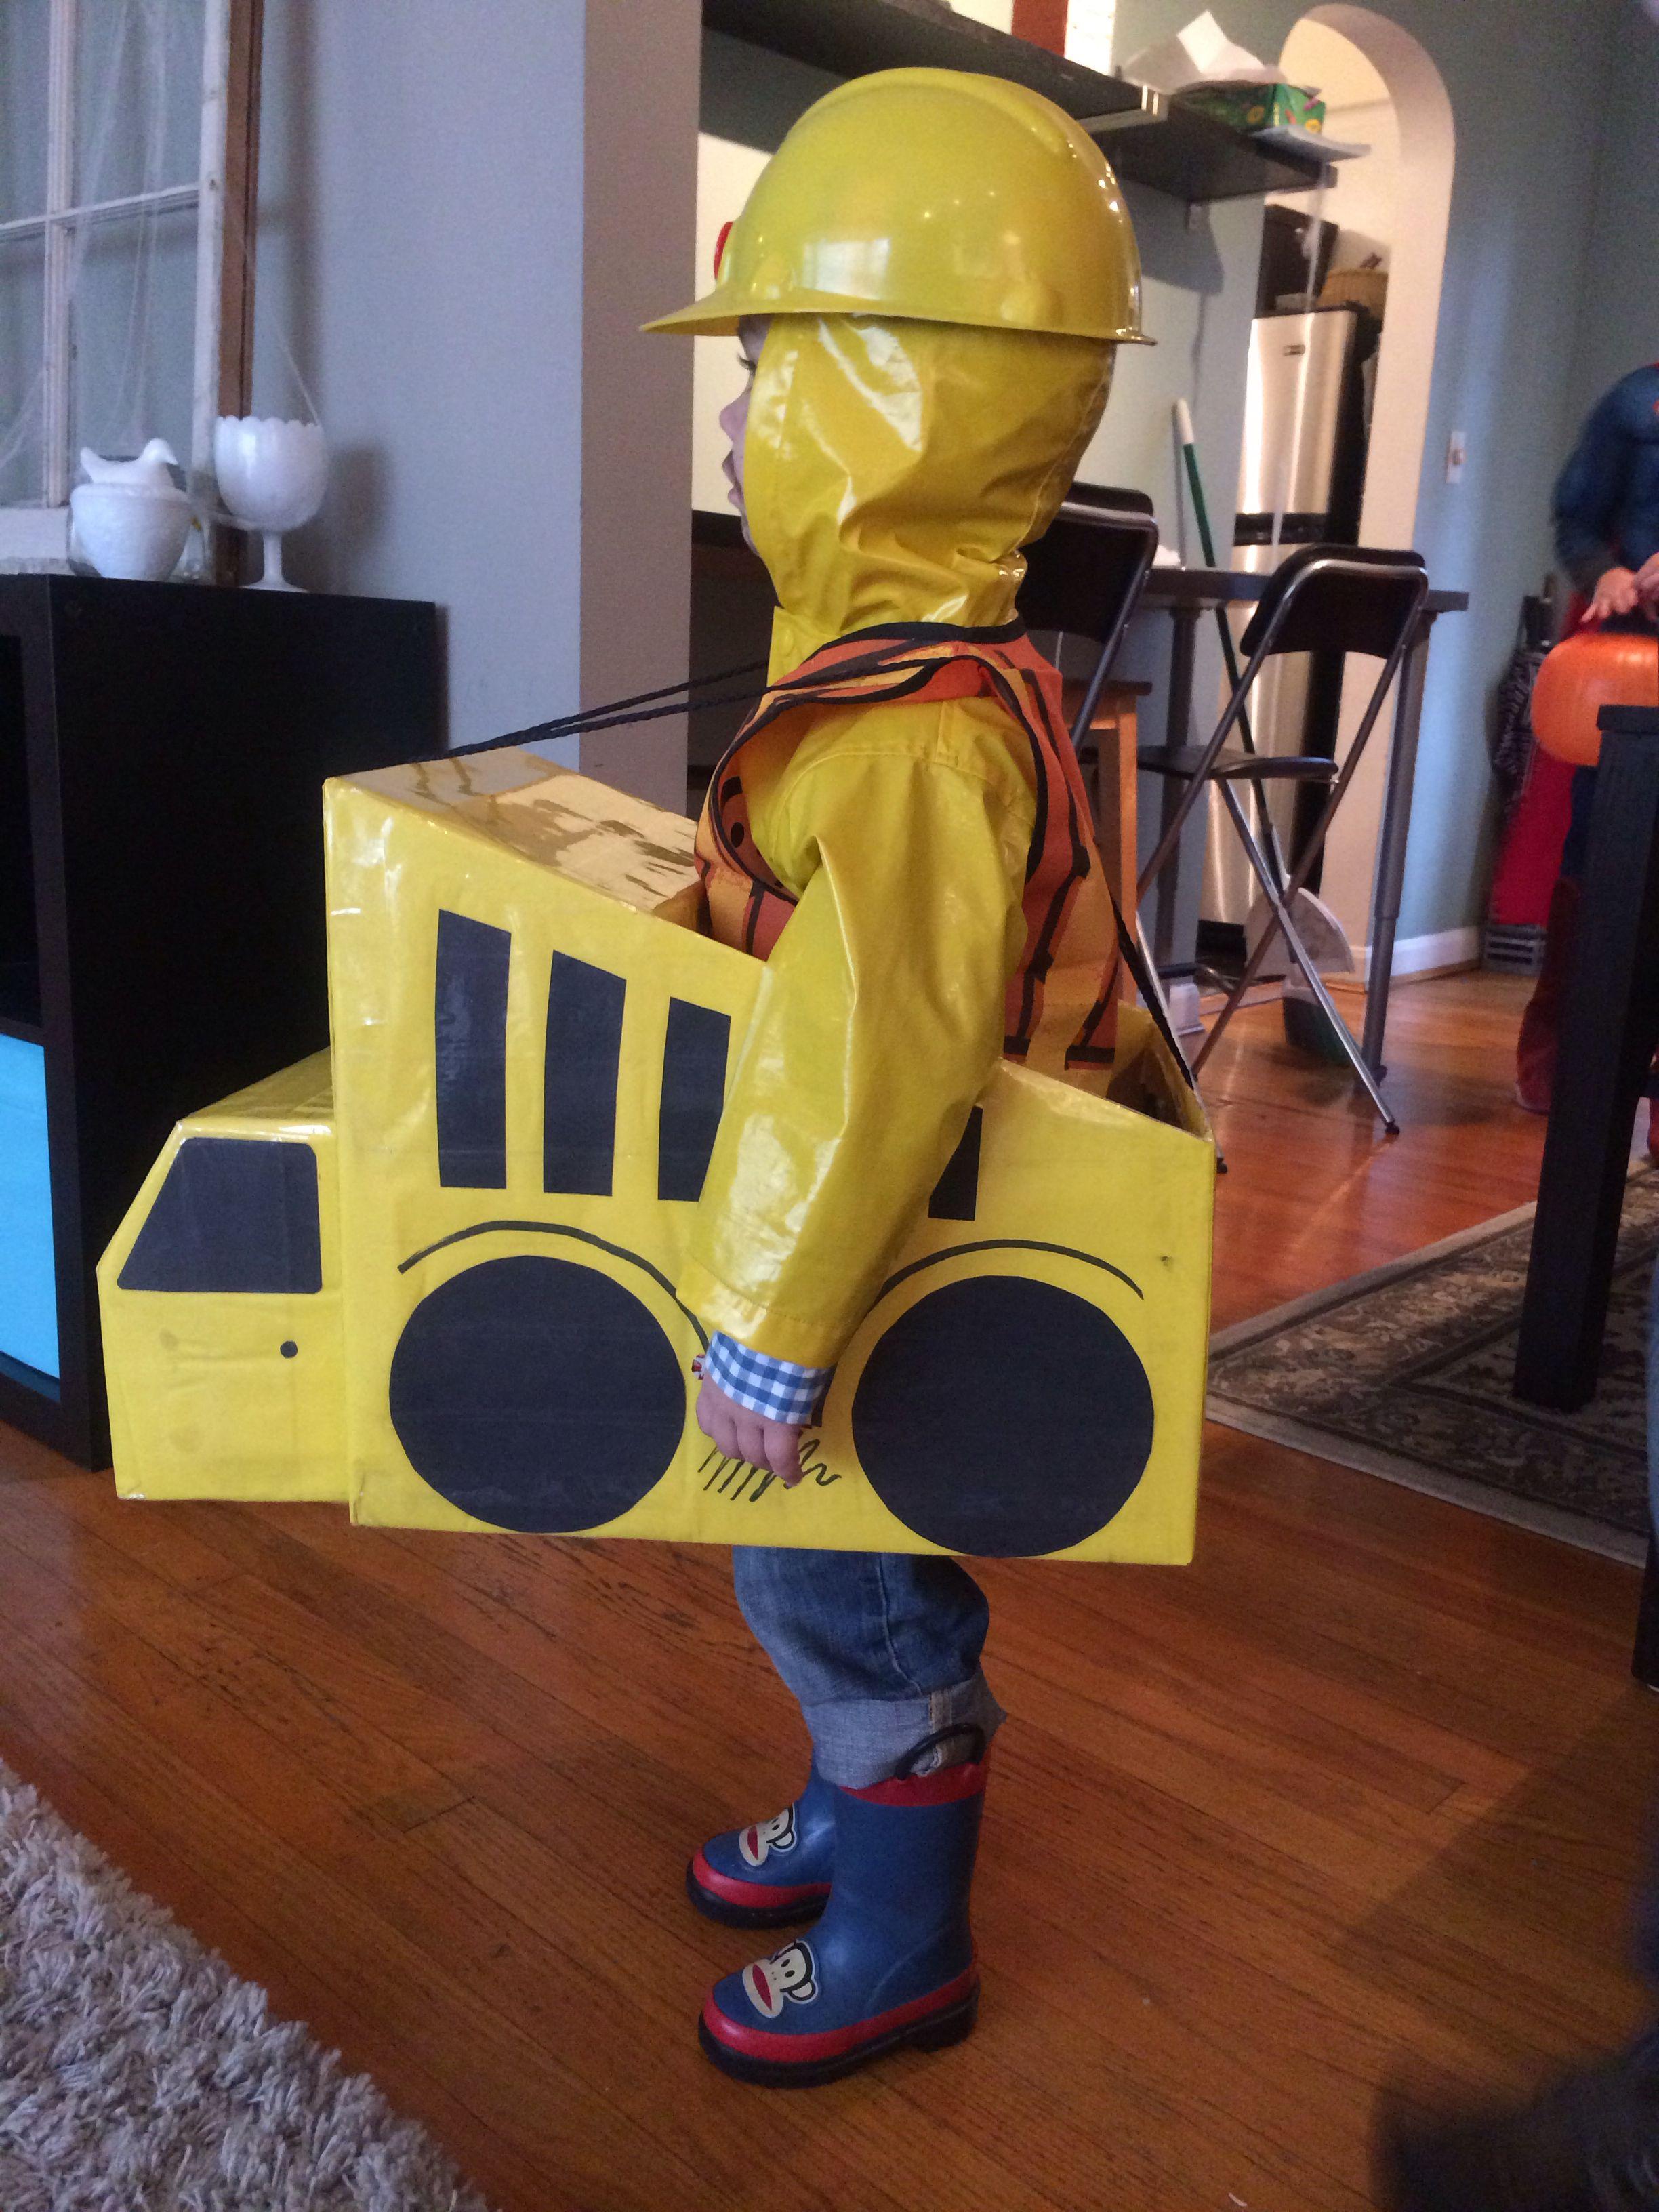 Construction Worker/Dump Truck Halloween Costume. | DIY kiddo ...